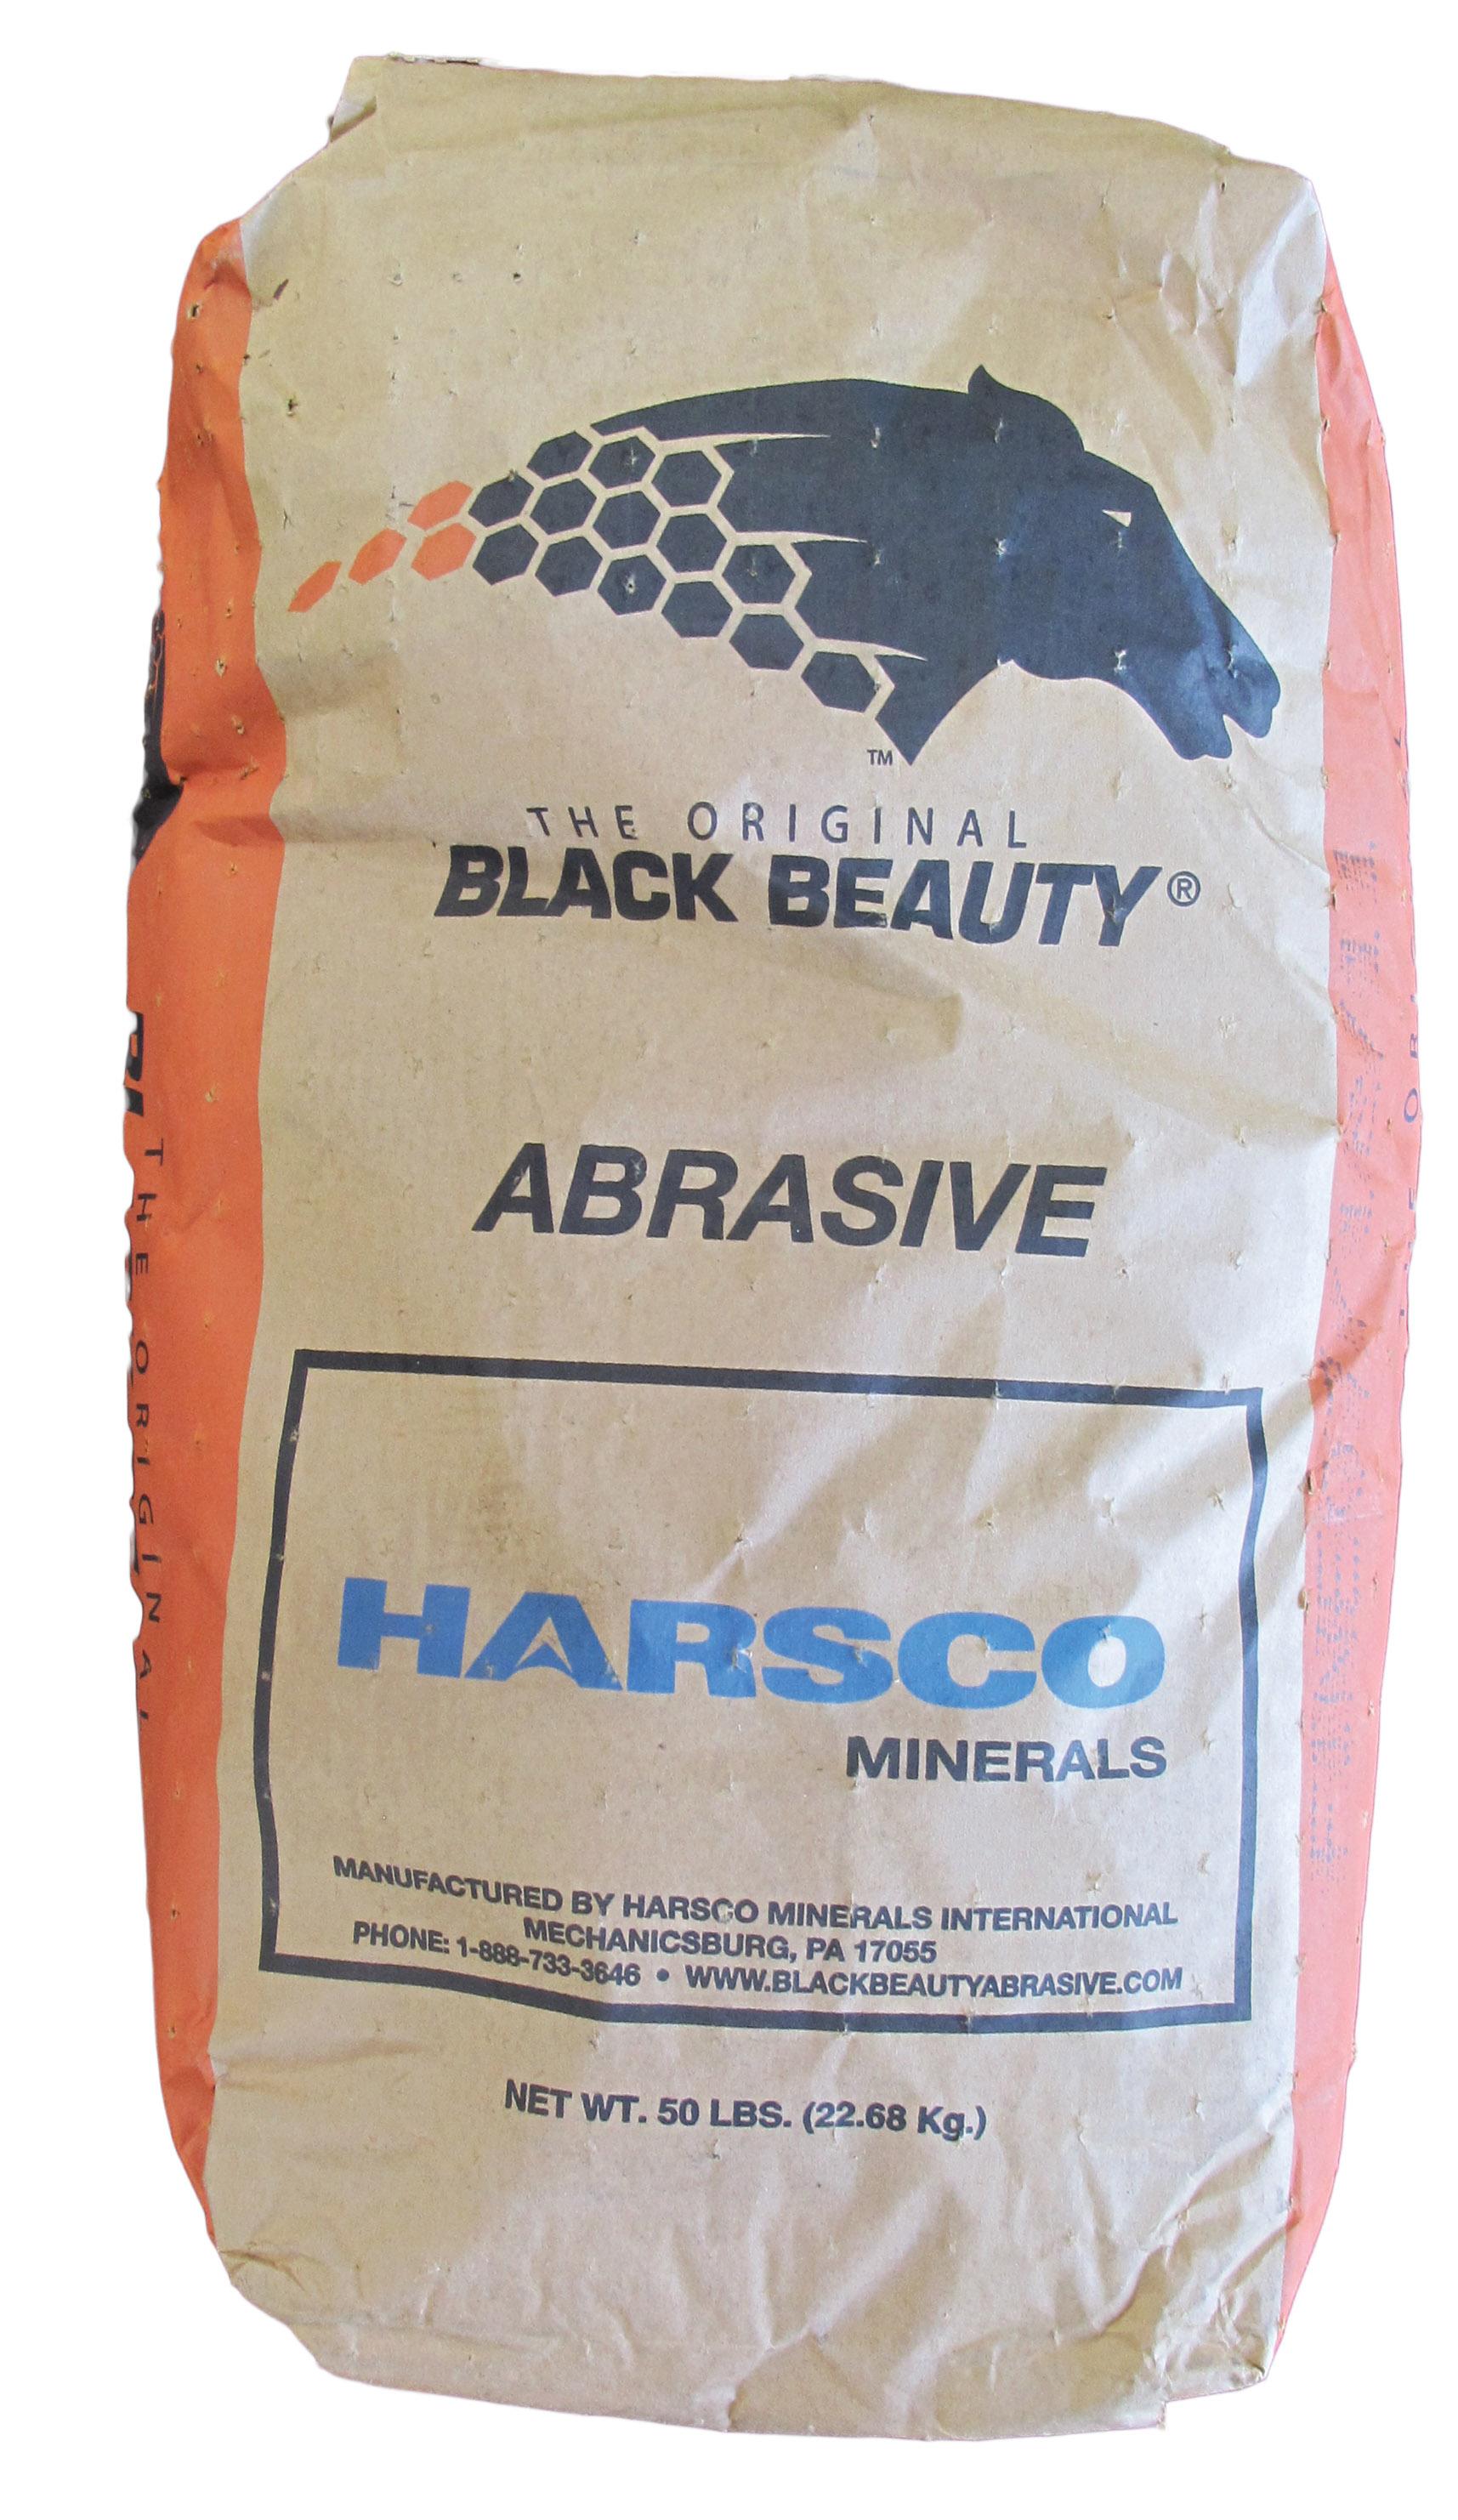 IMG_5619_harsco abrasive